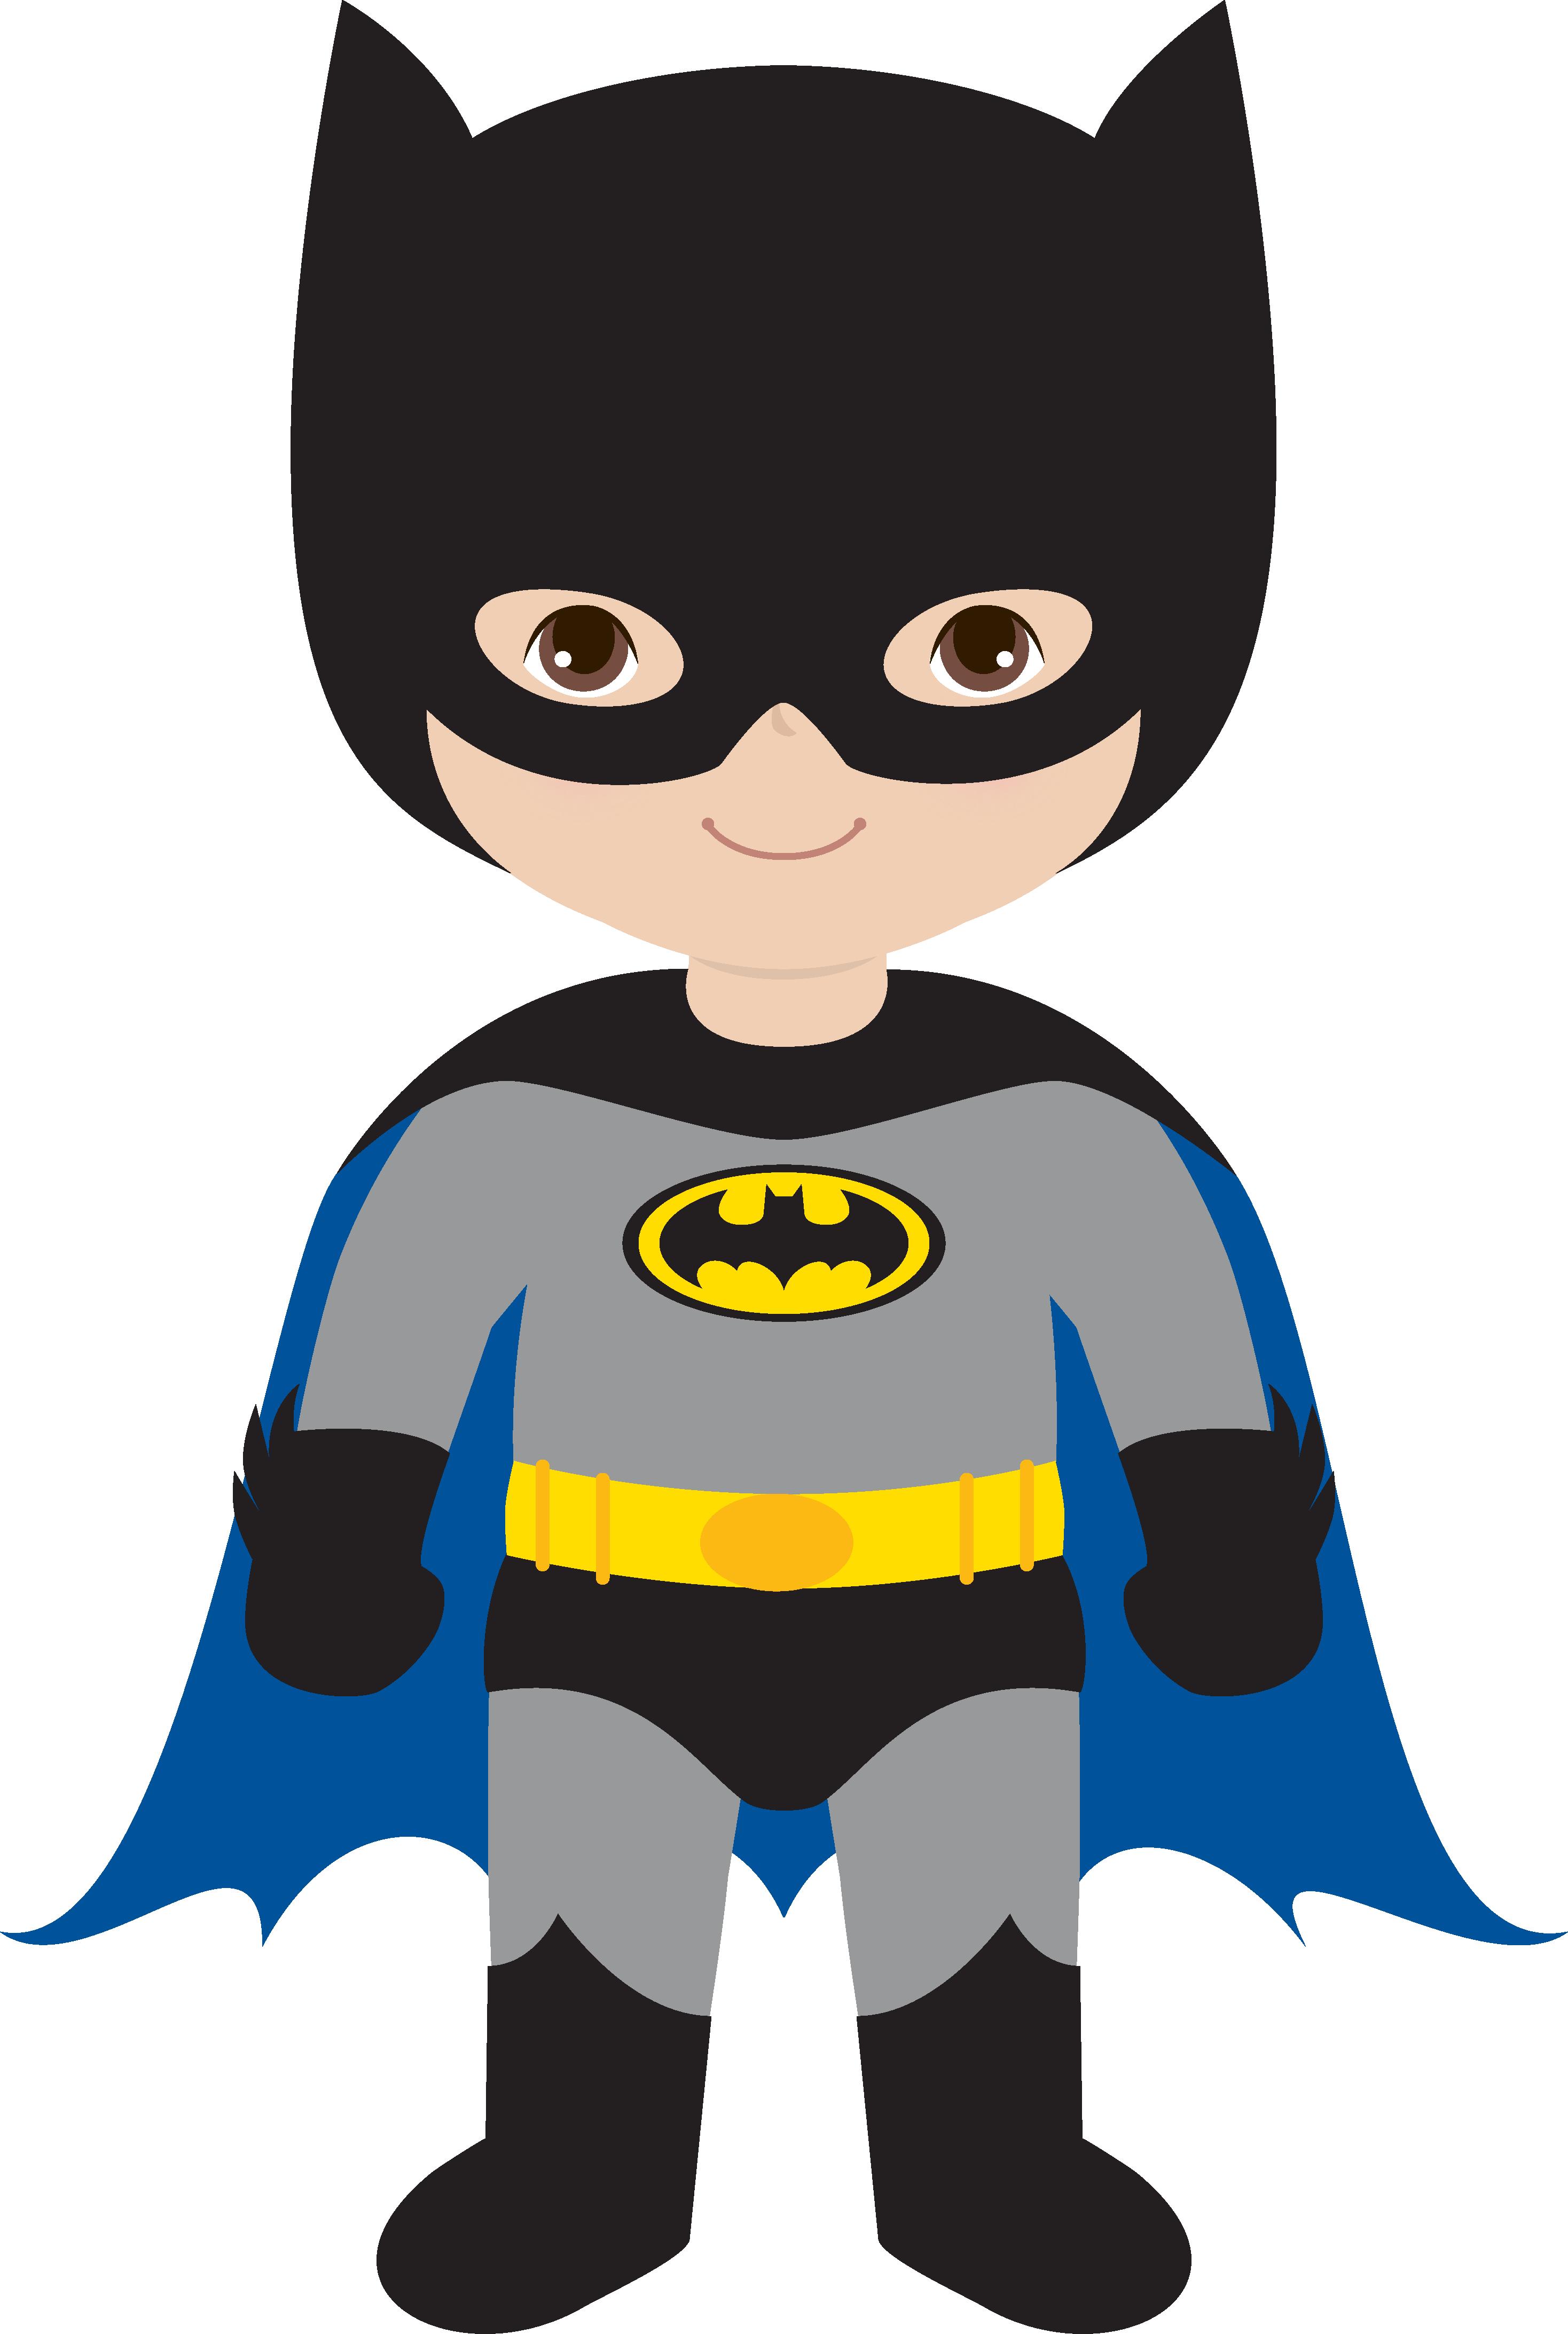 Image Result For Heroes Y Heroinas Dibujos - Lisa Marie Designs Daddy Superhero Mug (2936x4370)